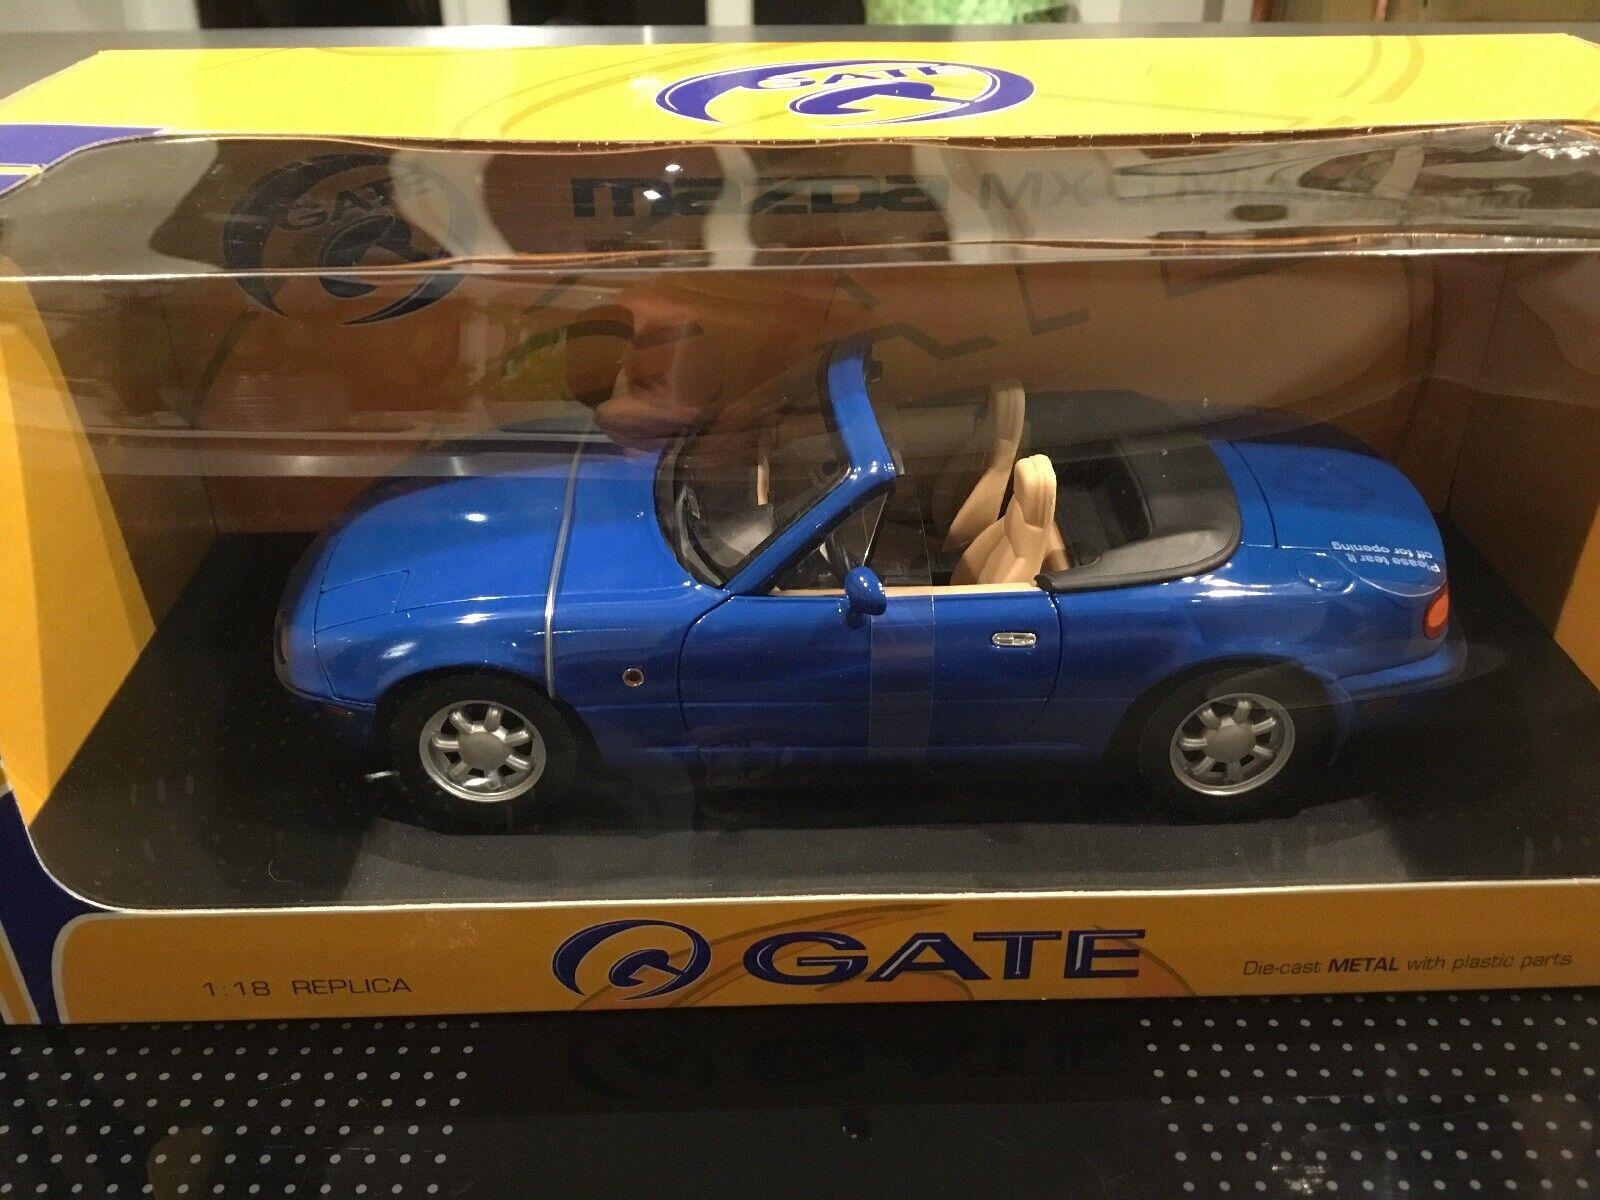 Mazda mx-5 Miata bleu dans neuf dans sa boîte, 1 18 Gate, première génération, RAR.